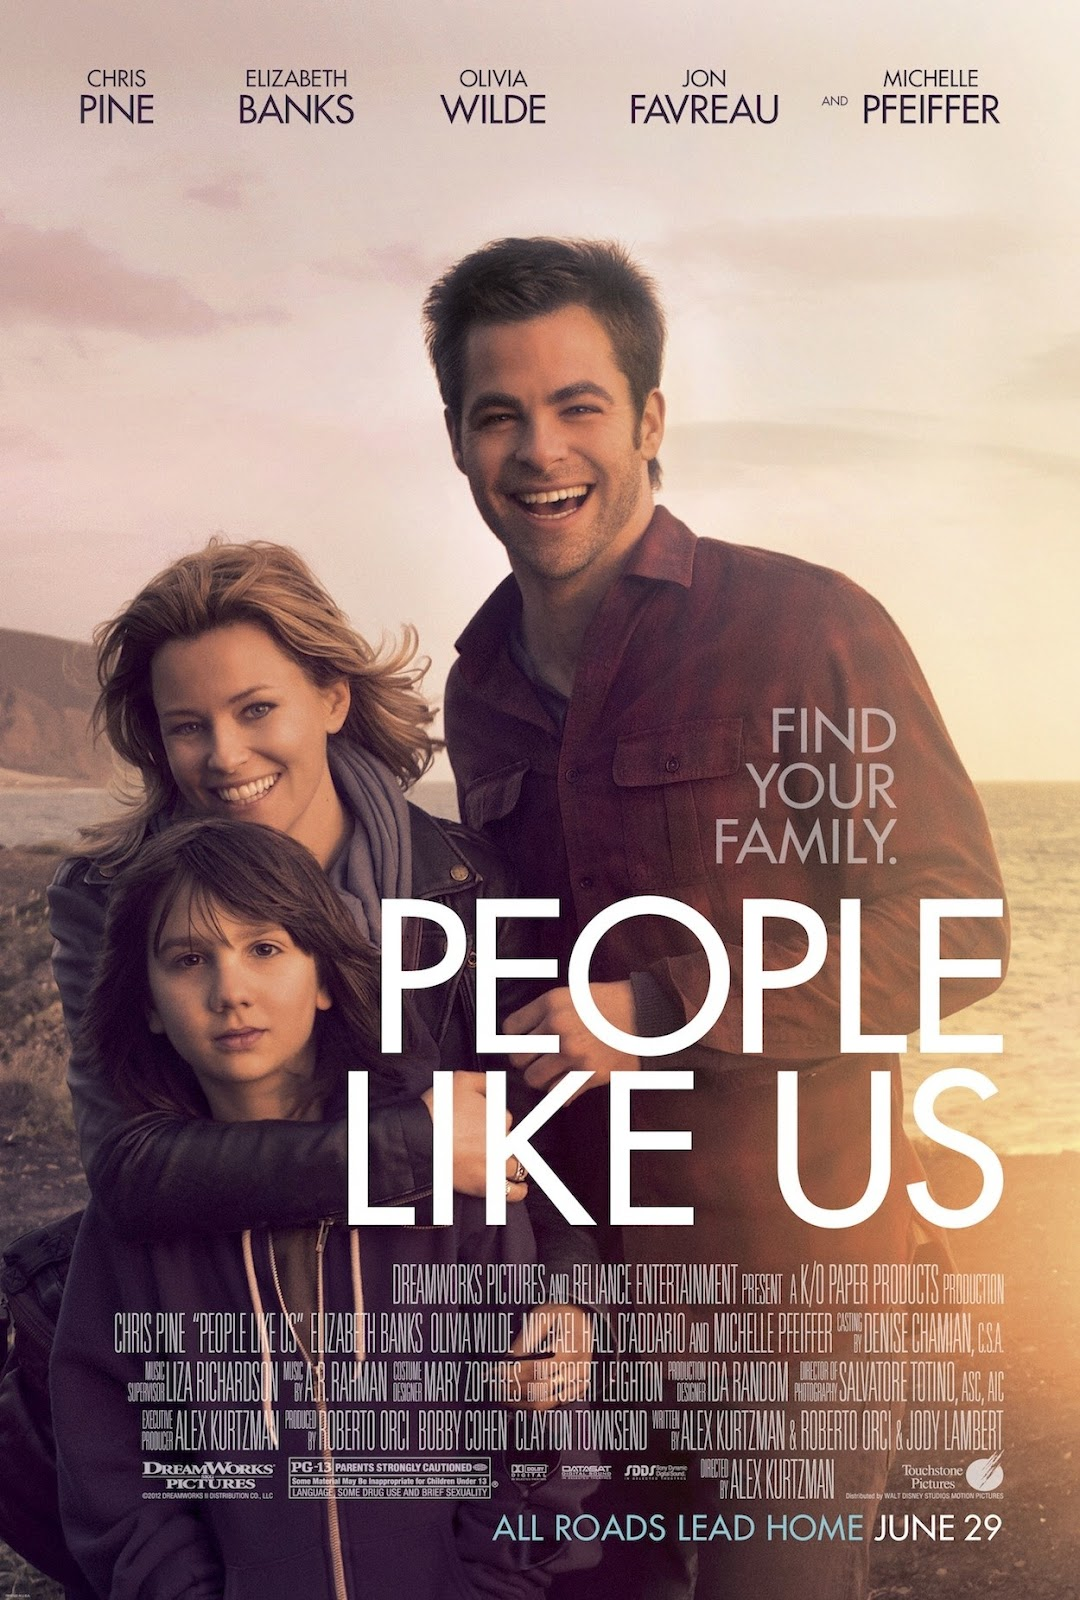 http://2.bp.blogspot.com/-NKKvCjGHRDk/UGnAhuKQYPI/AAAAAAAANQc/Pf2ulkt9F90/s1600/people_like_us_%282012%29_poster_01.jpg